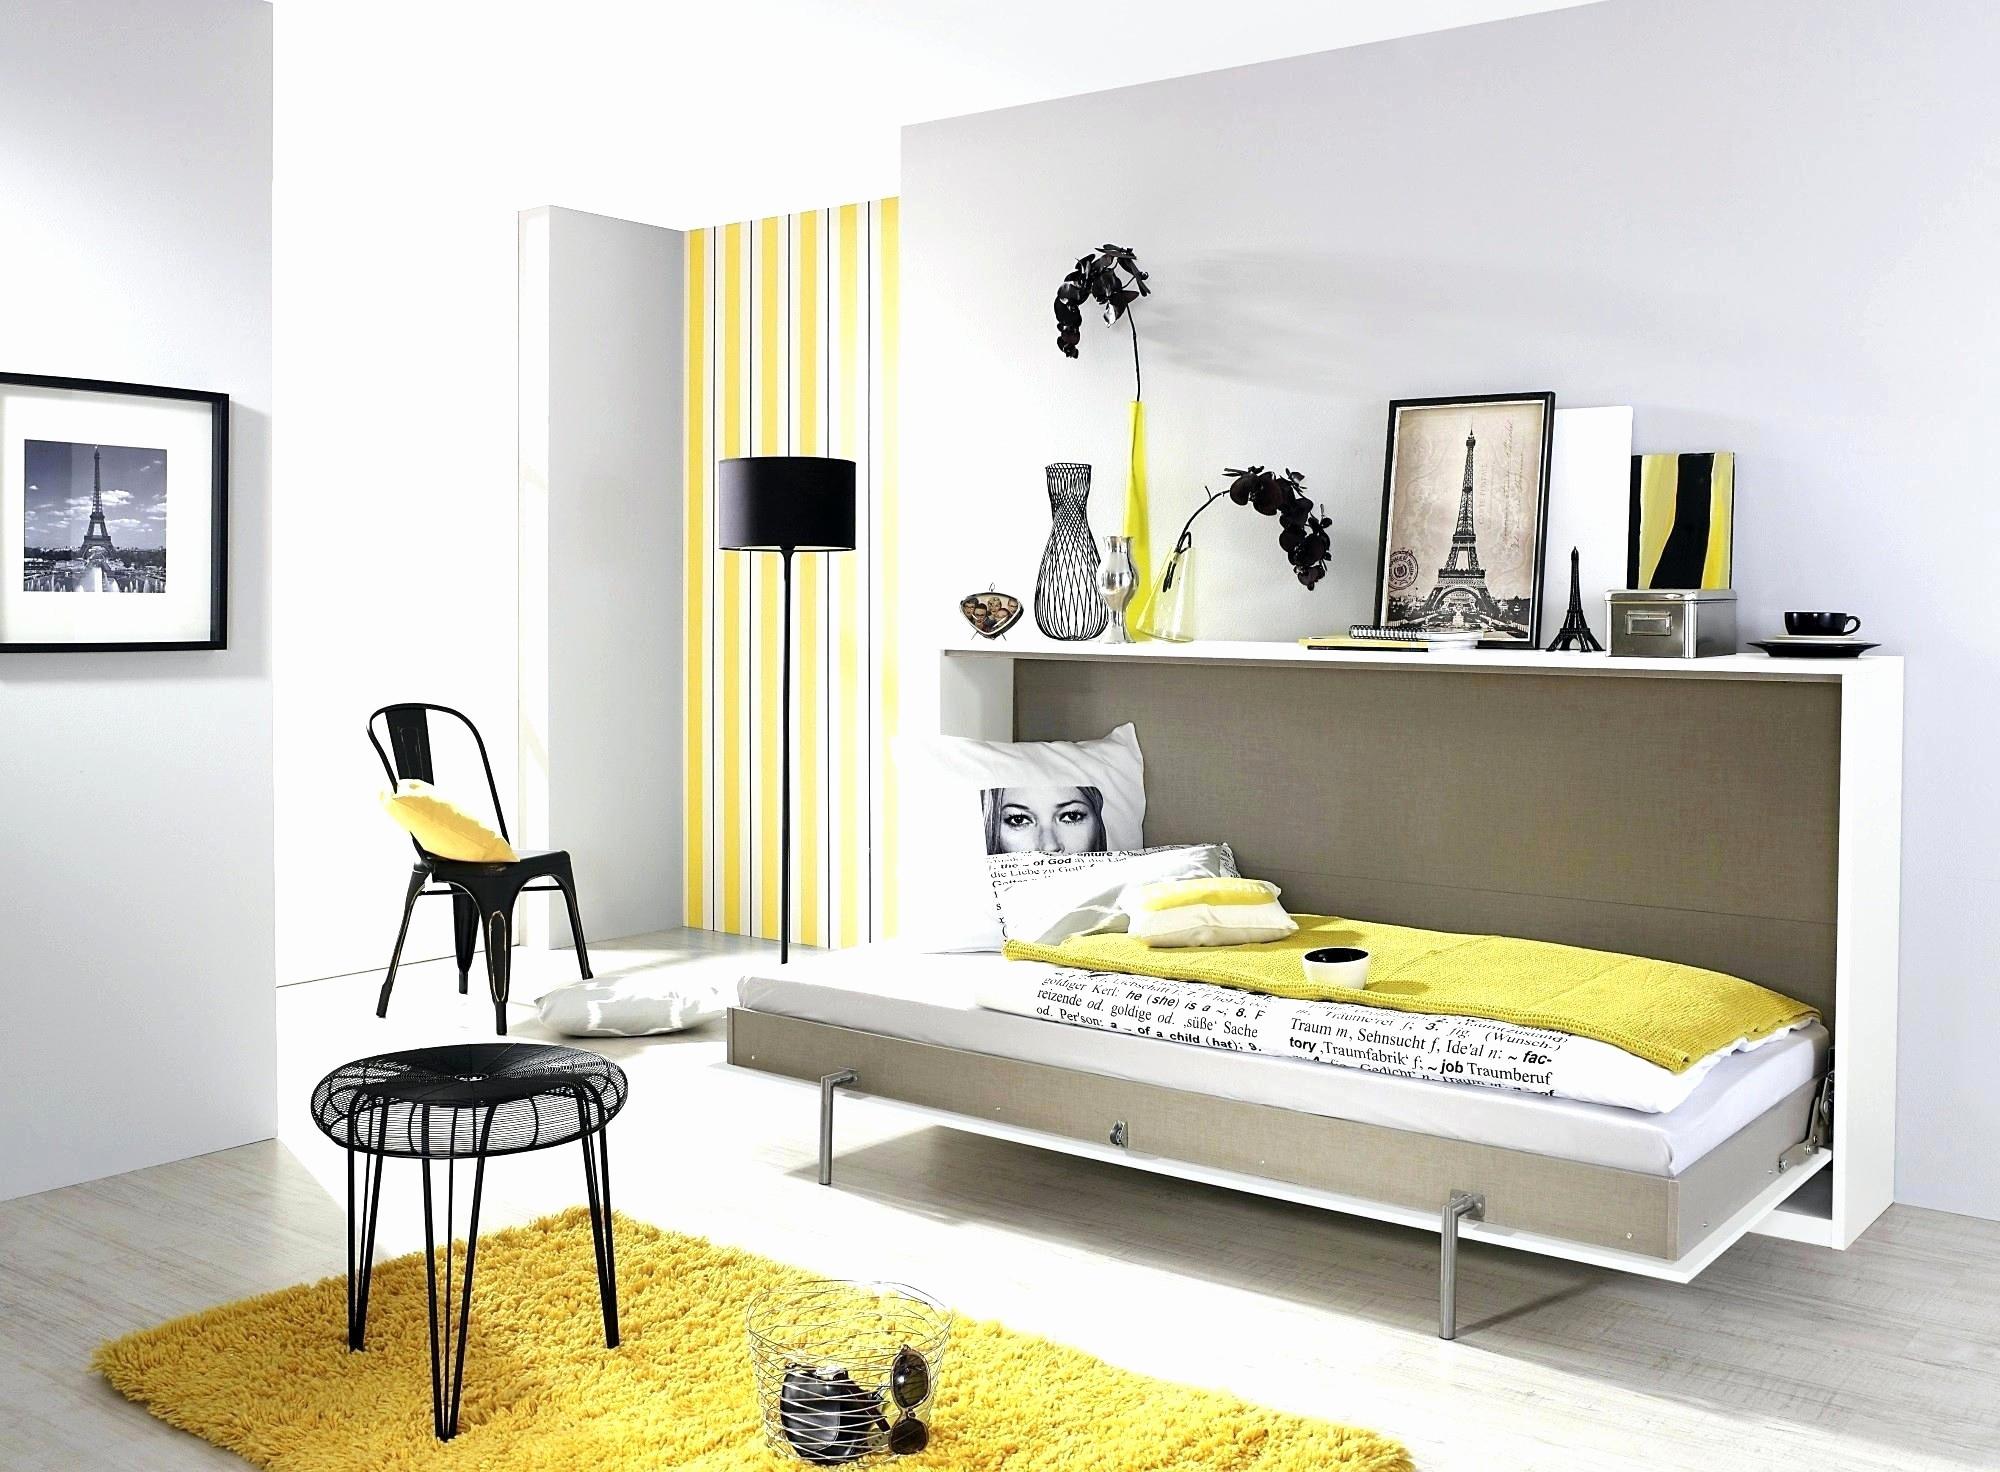 meuble console i etagere table de nuit elegant table de chevet scandinave i meuble of meuble console i